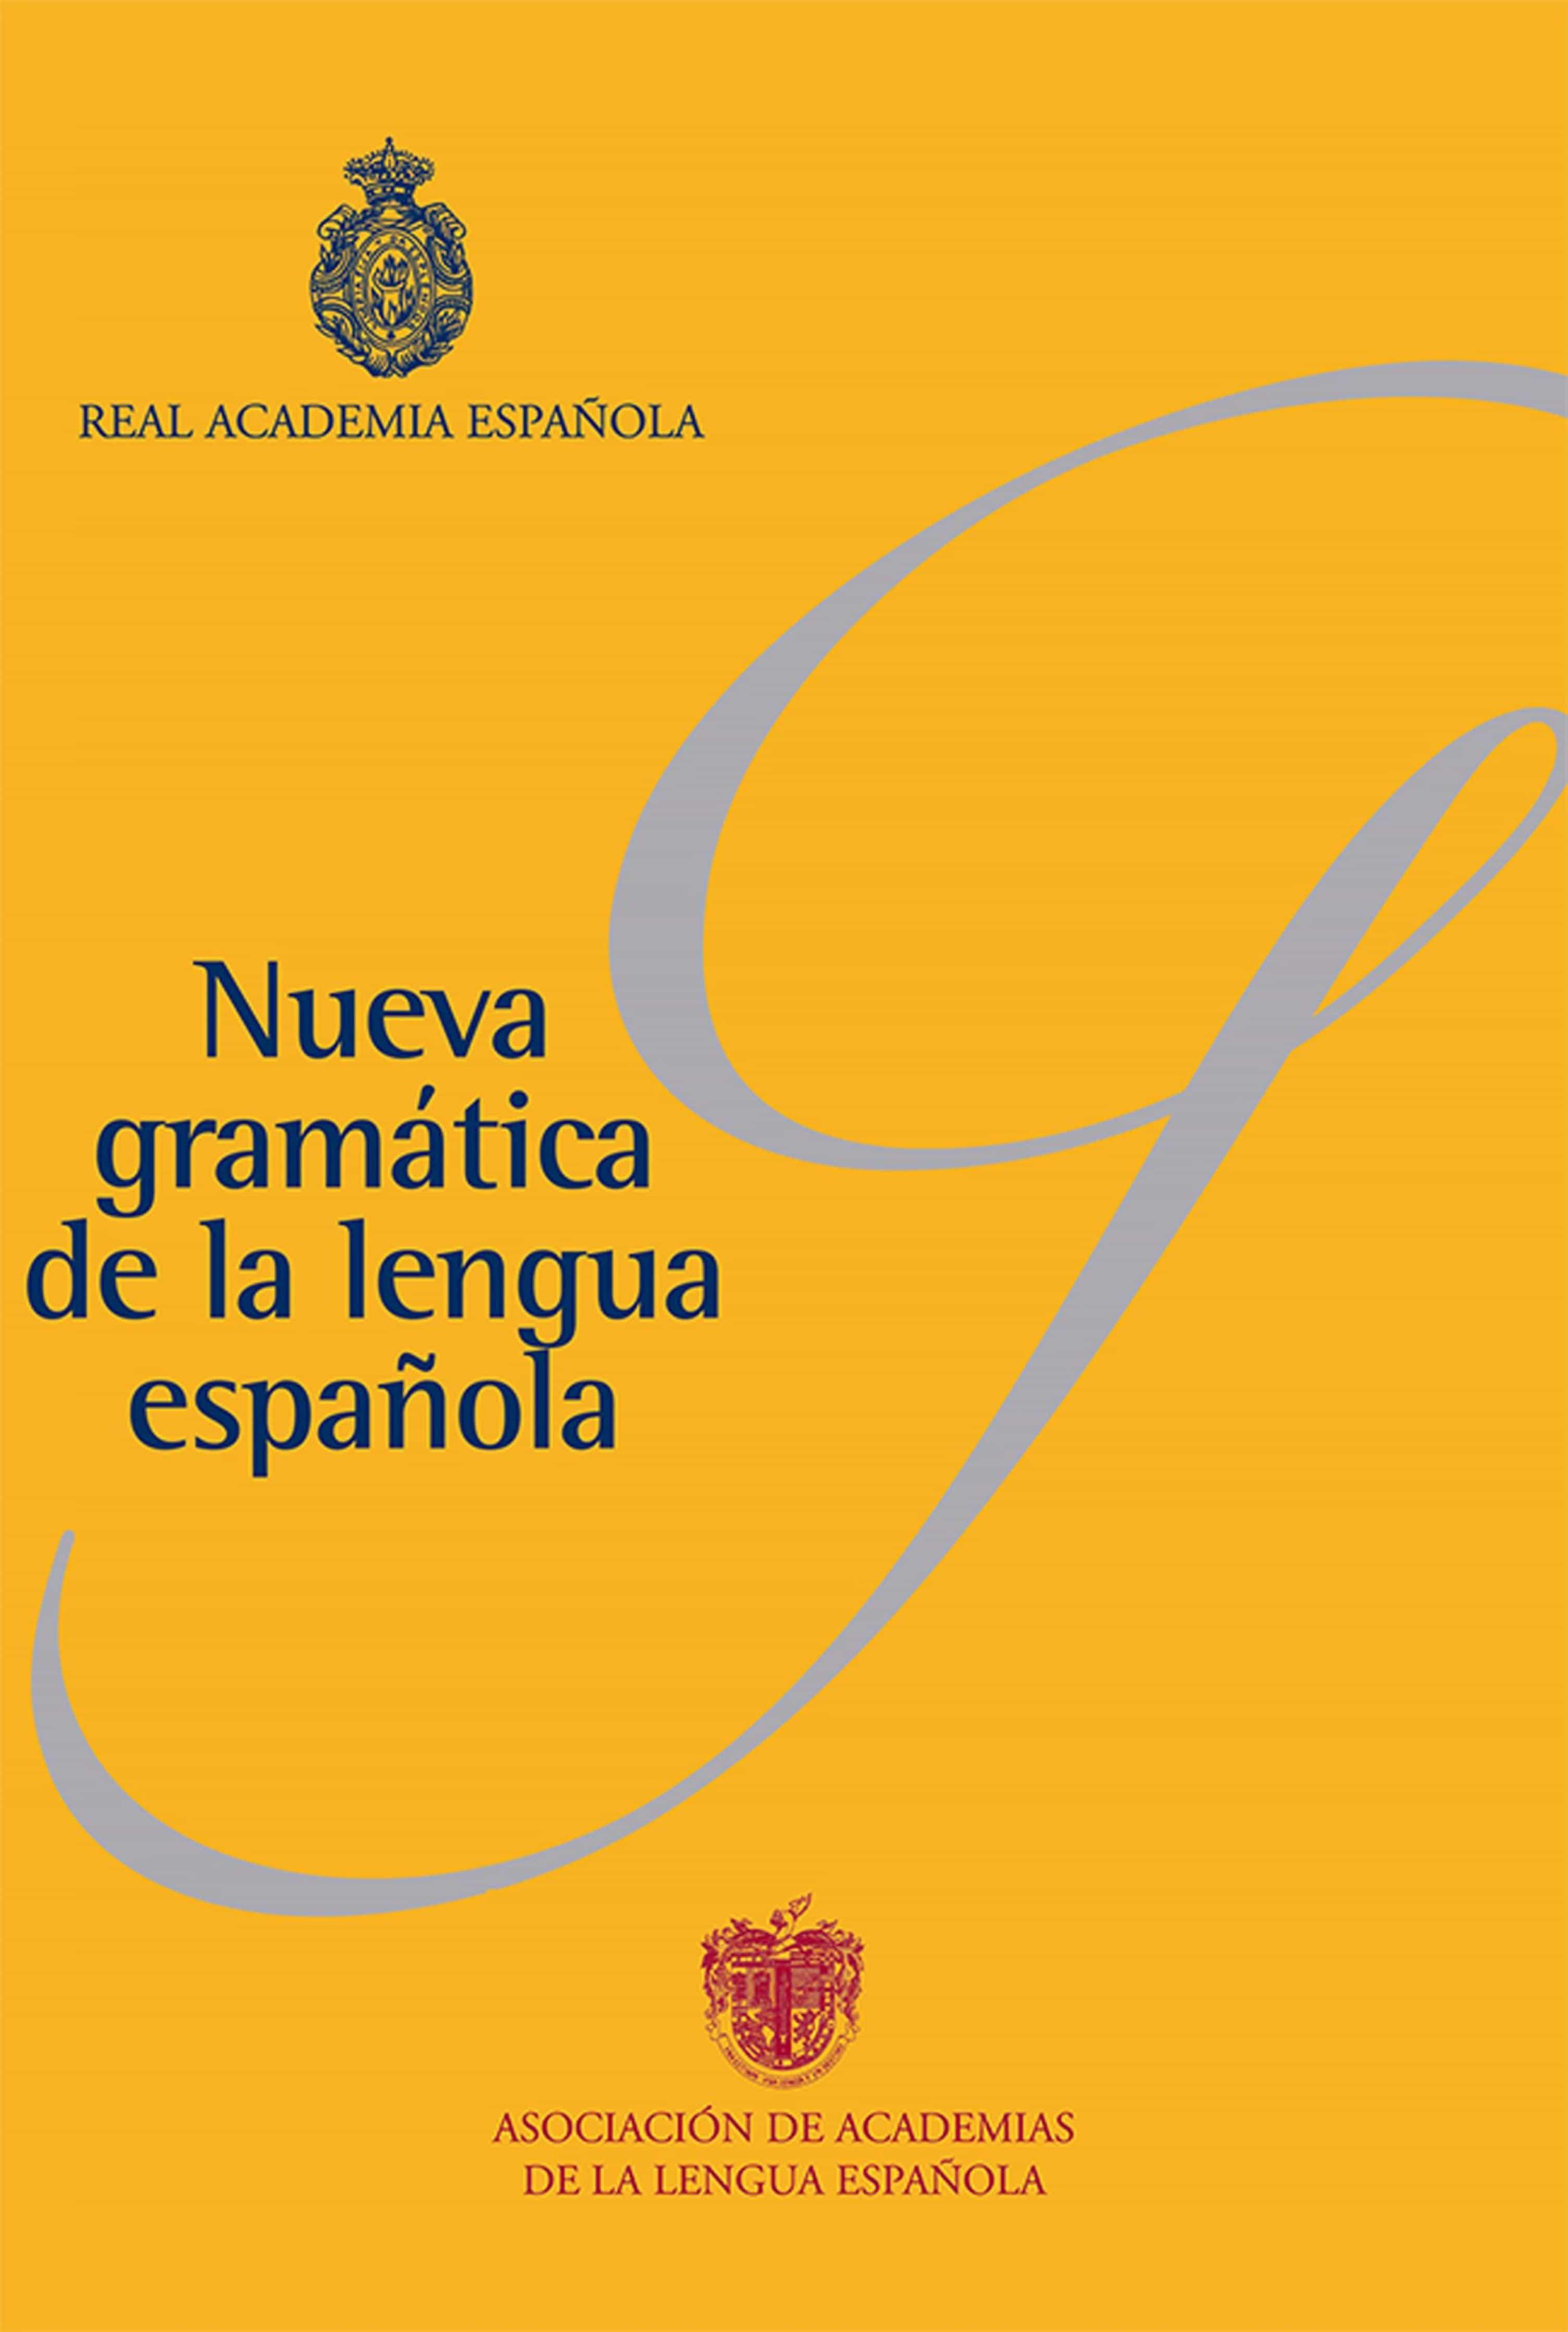 Nueva Gramática De La Lengua Española (pack)   por Real Academia Española